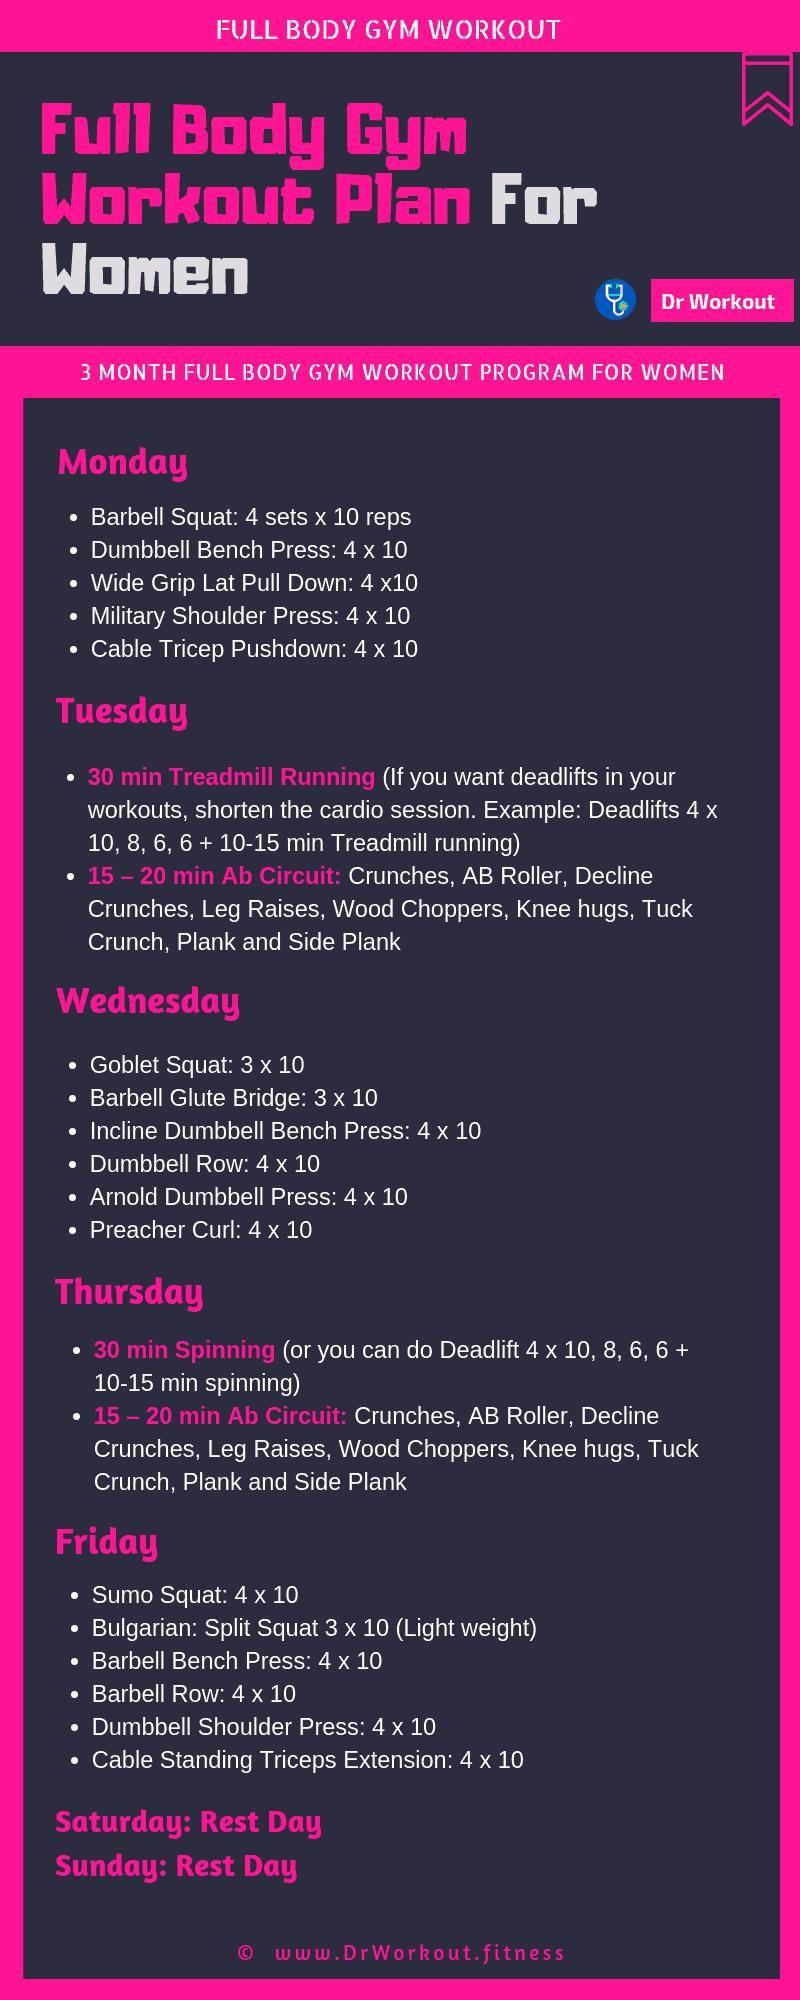 Full Body Gym Workout Plan For Women #workout #workoutplan #fitness #women #gym #workoutroutine